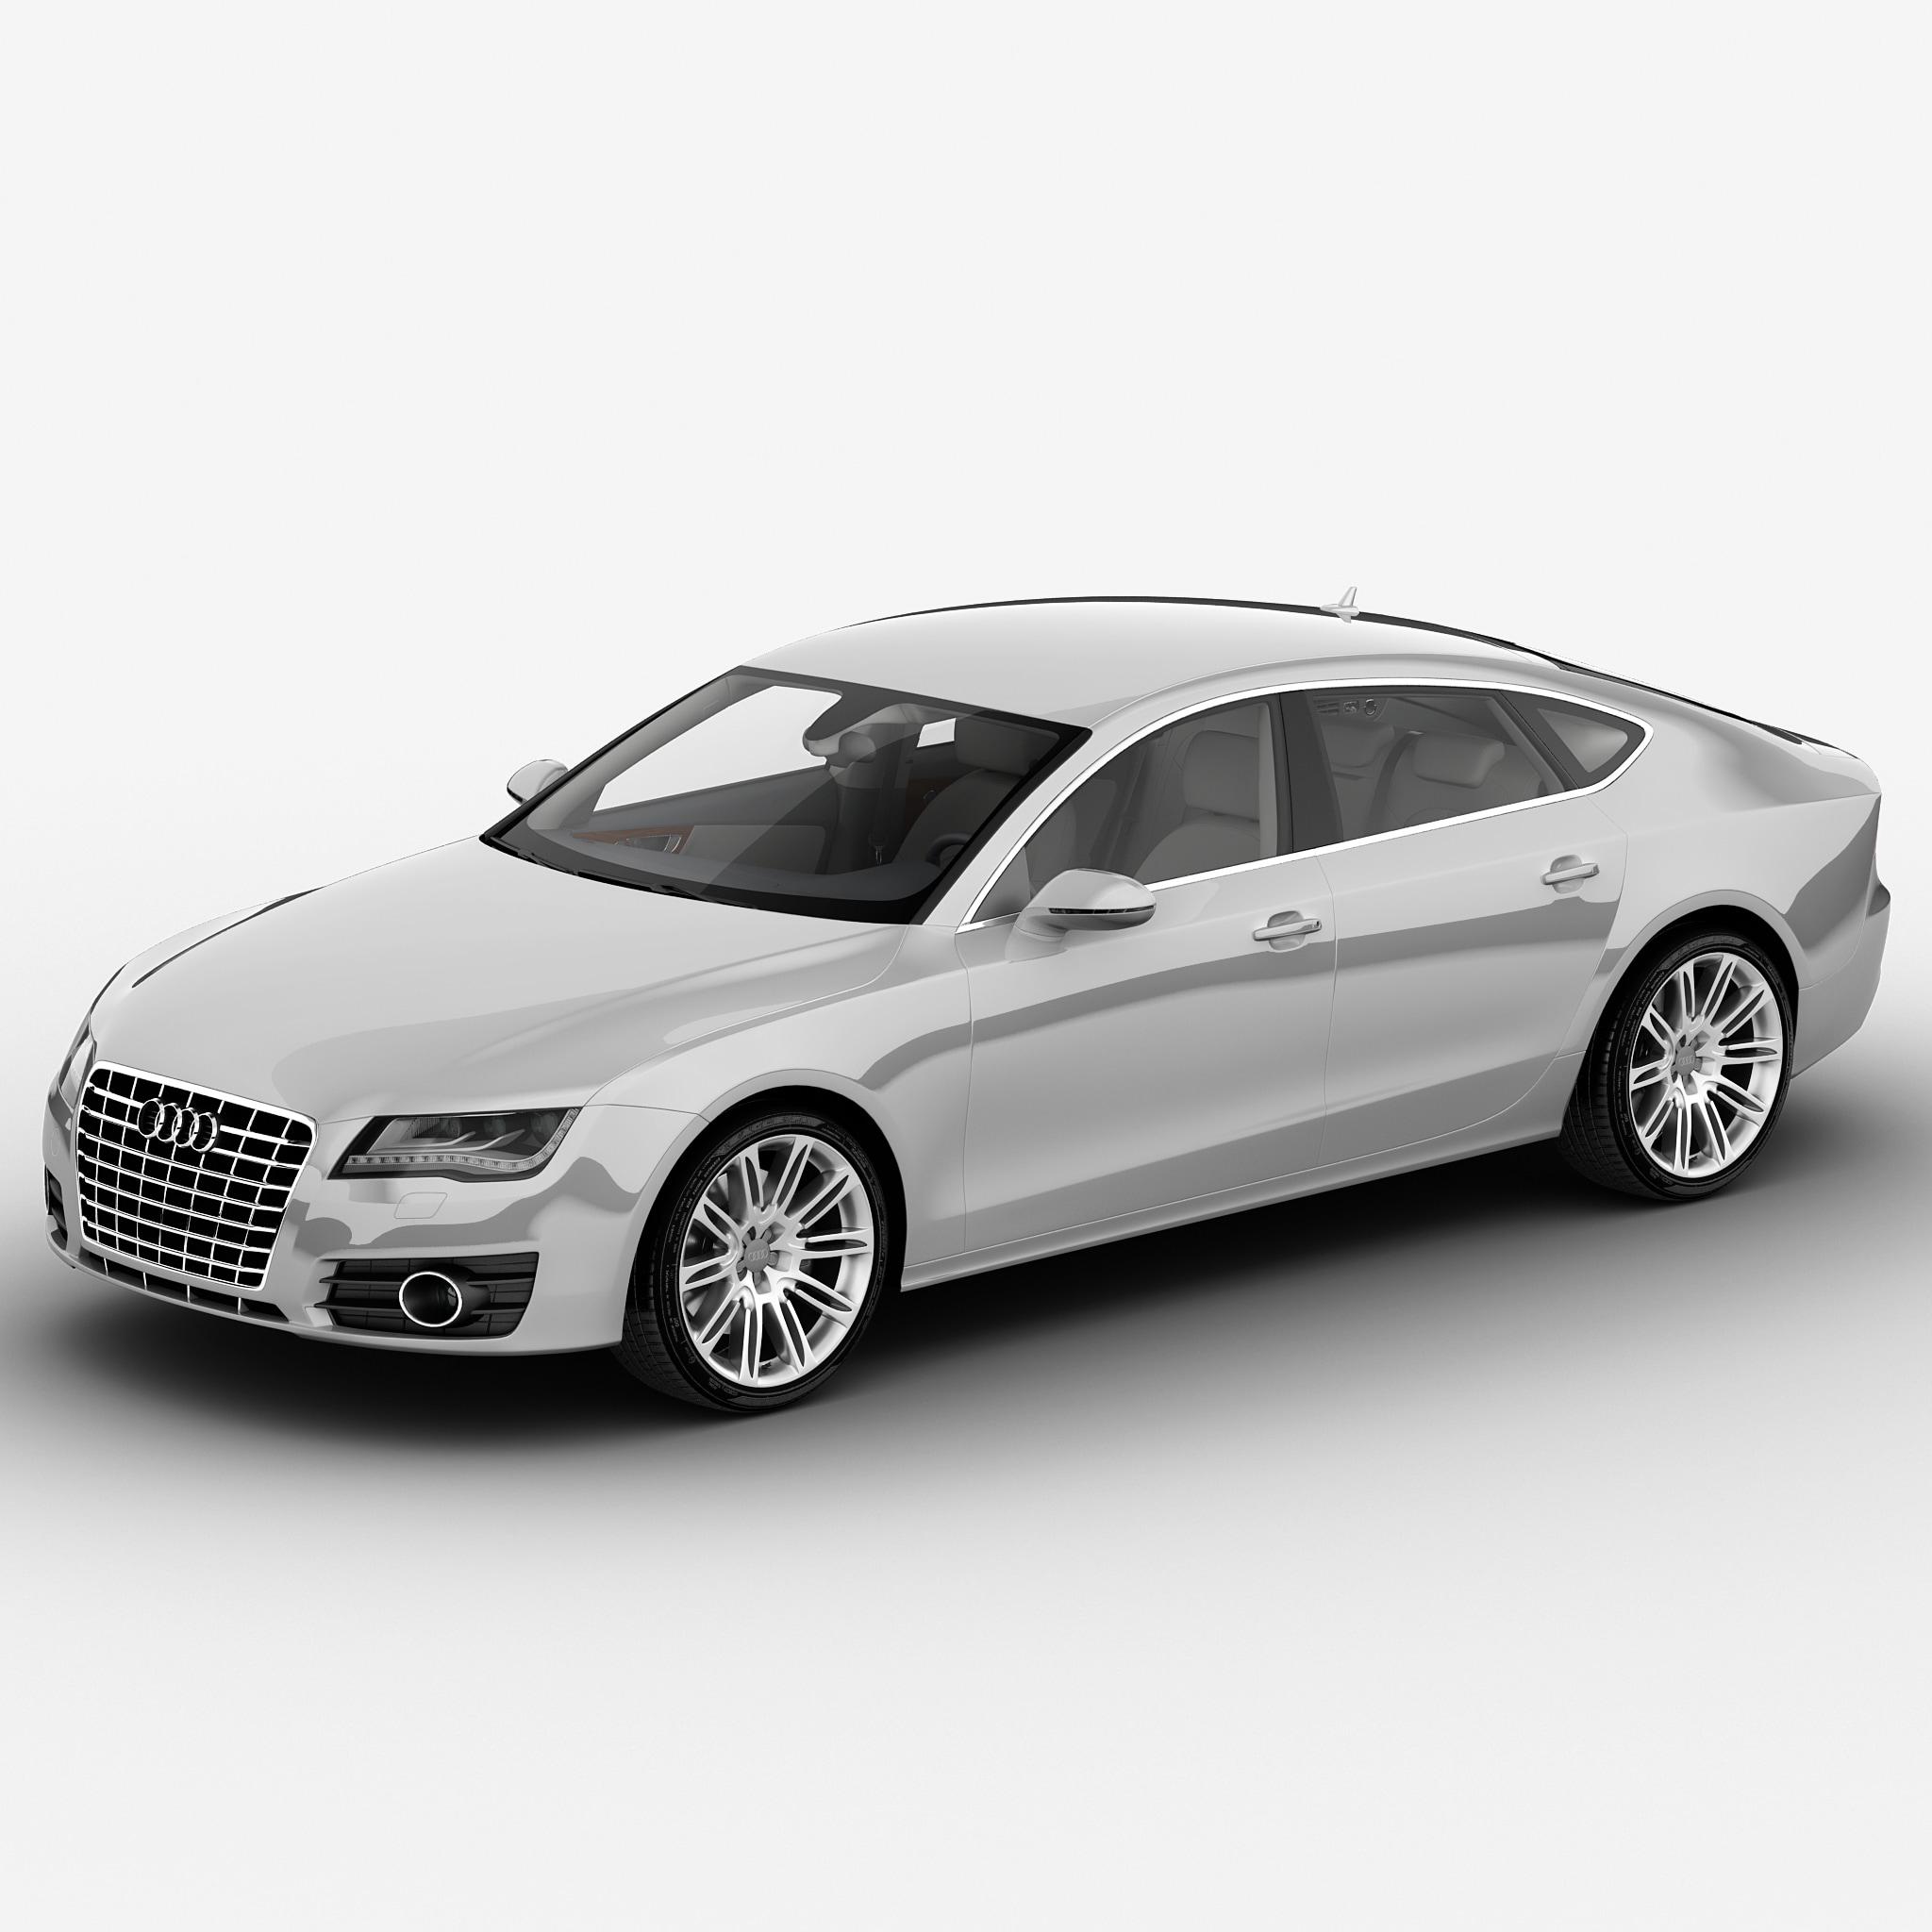 Audi A7 2013 Max